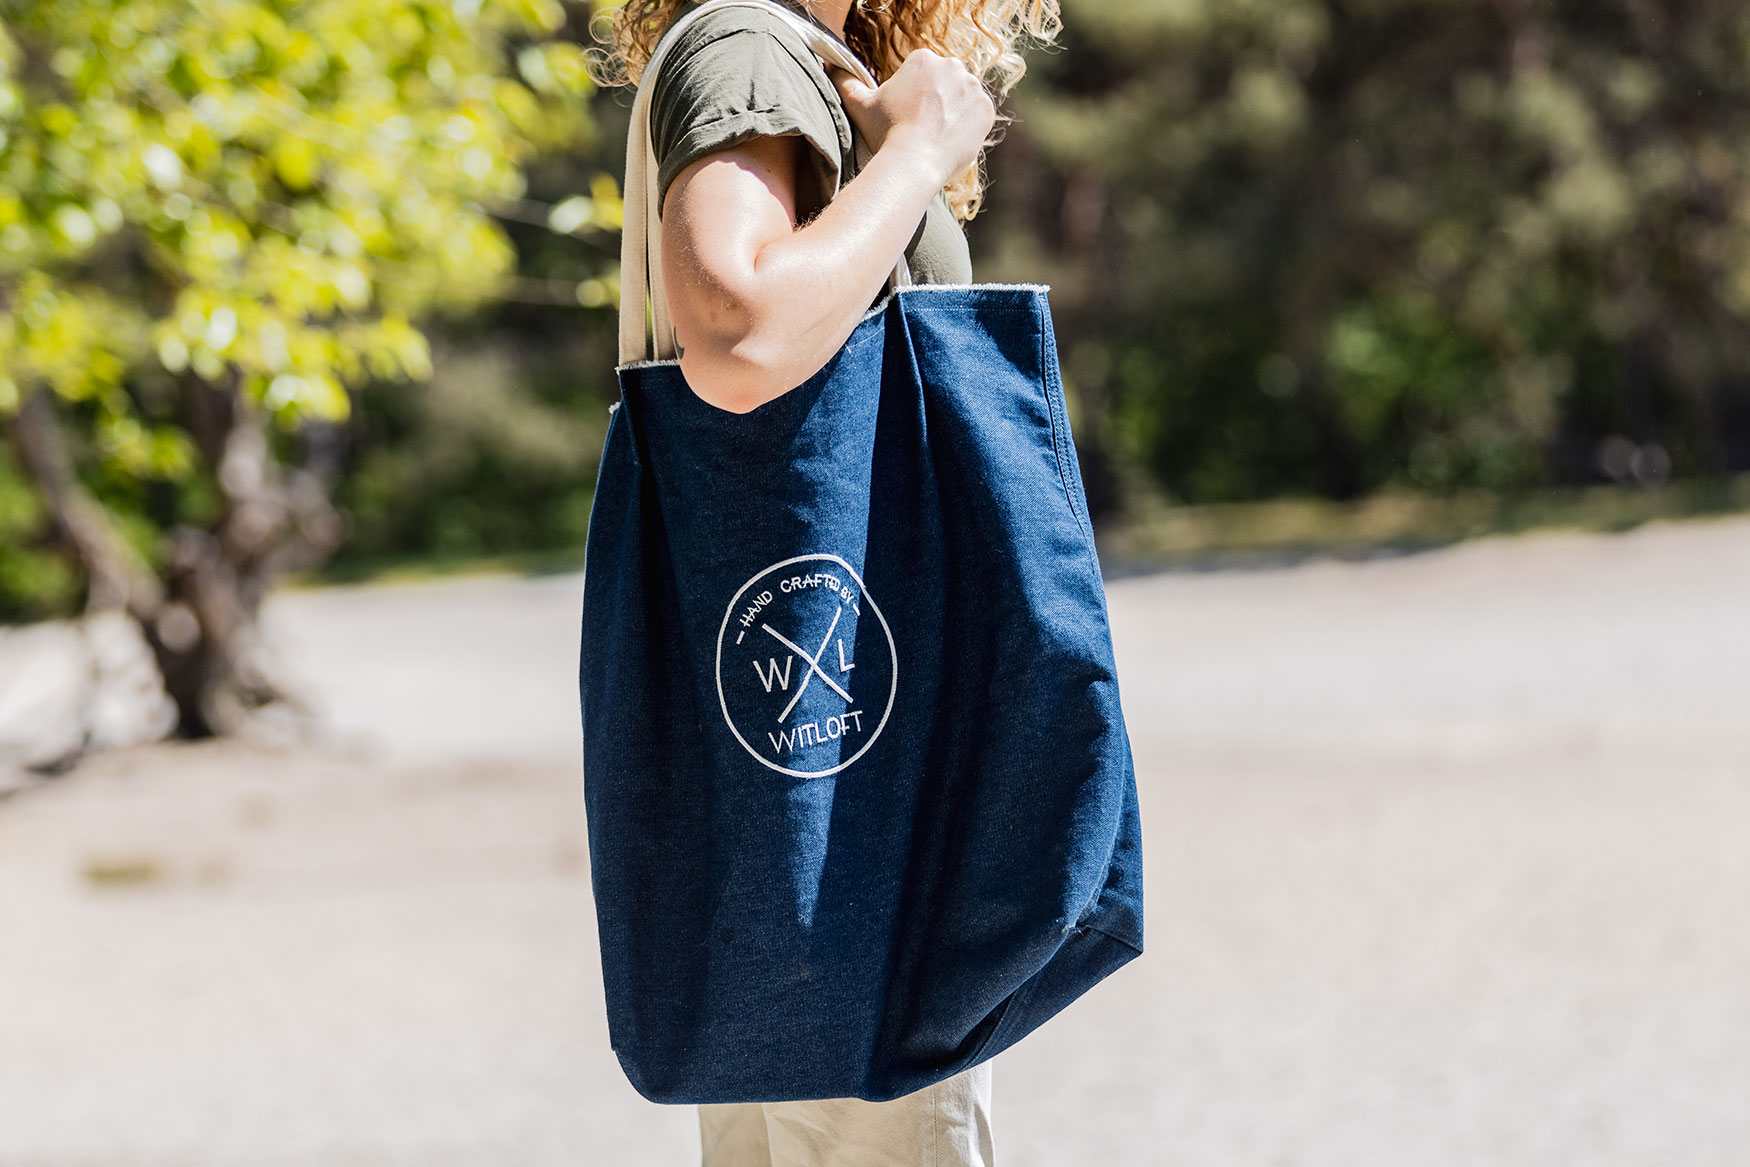 witloft beach bag